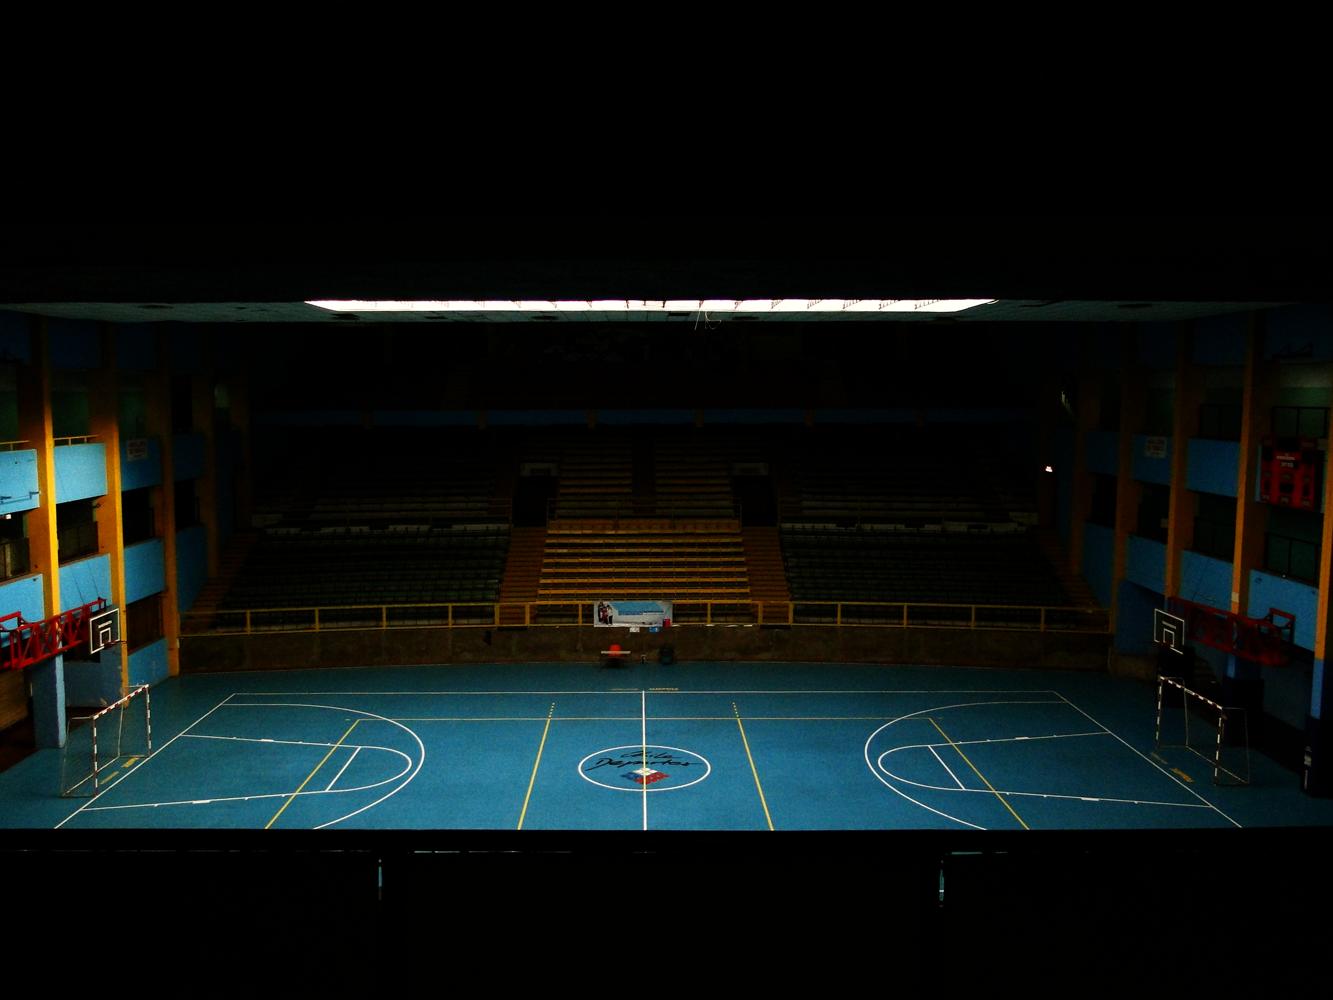 Vista del Estadio Víctor Jara en la actualidad, lugar donde fue asesinado el artista.